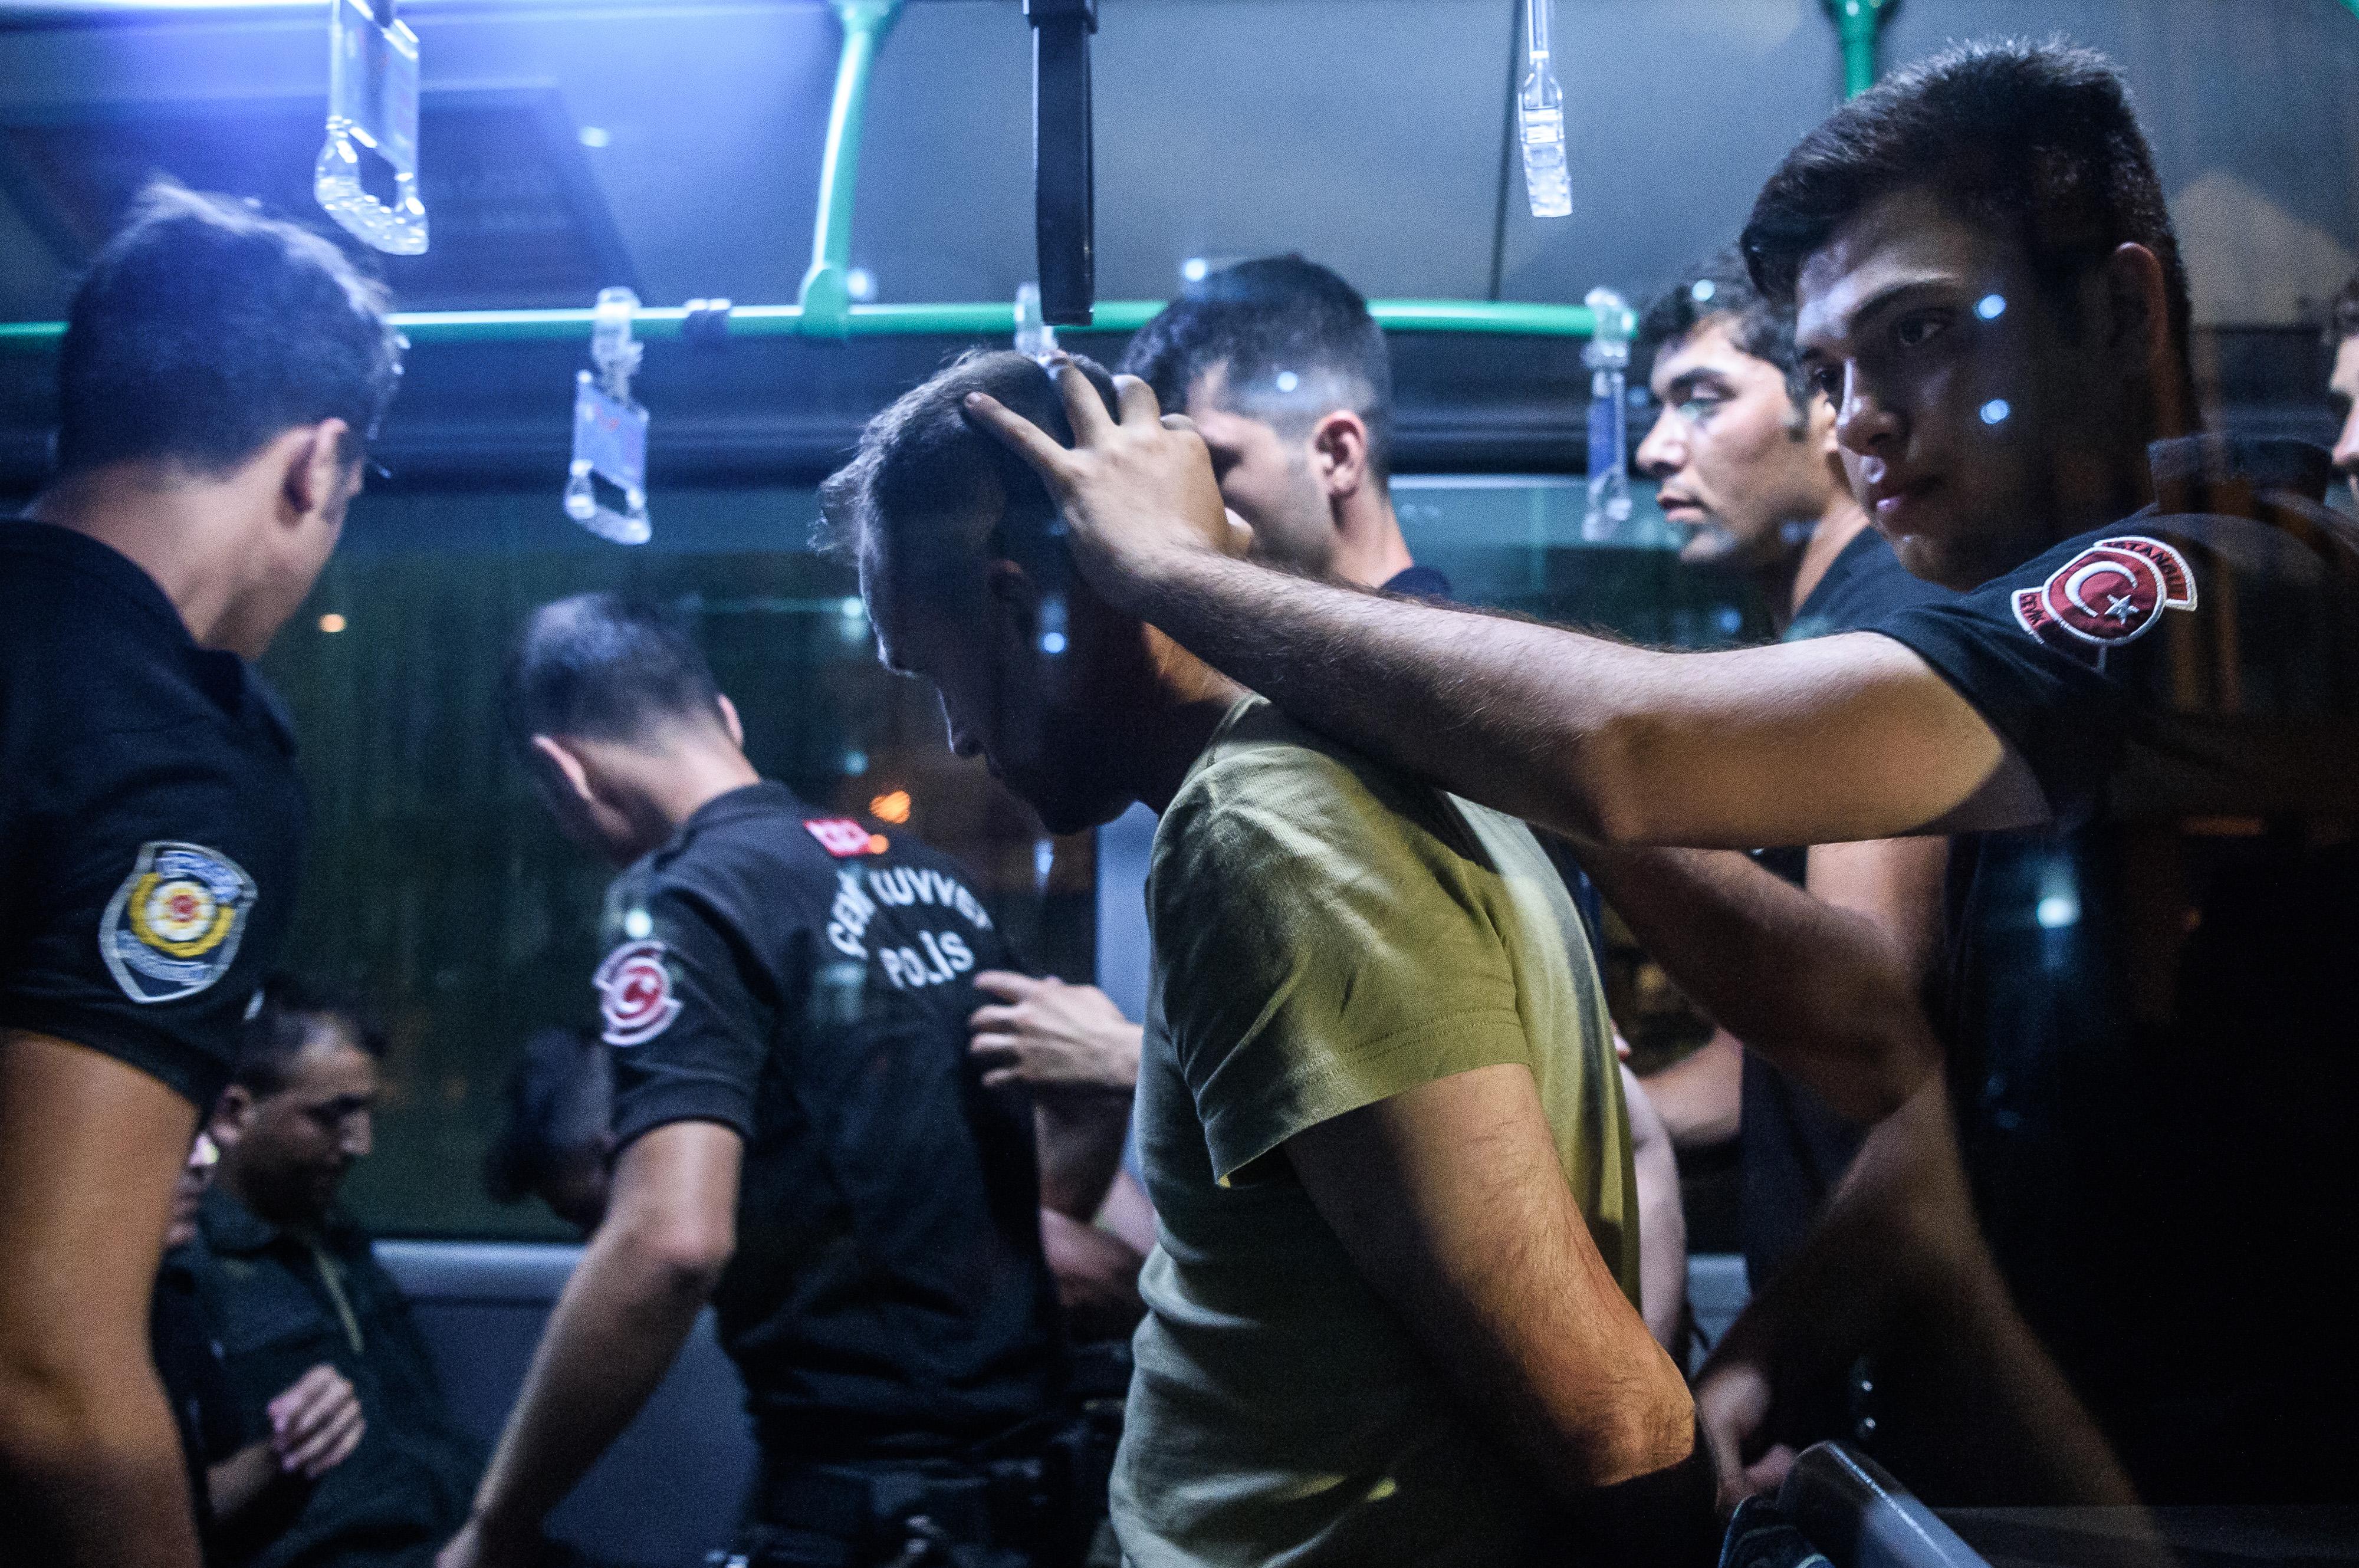 اعتقال جندي تركي يشتبه في مشاركته في الانقلاب الفاشل